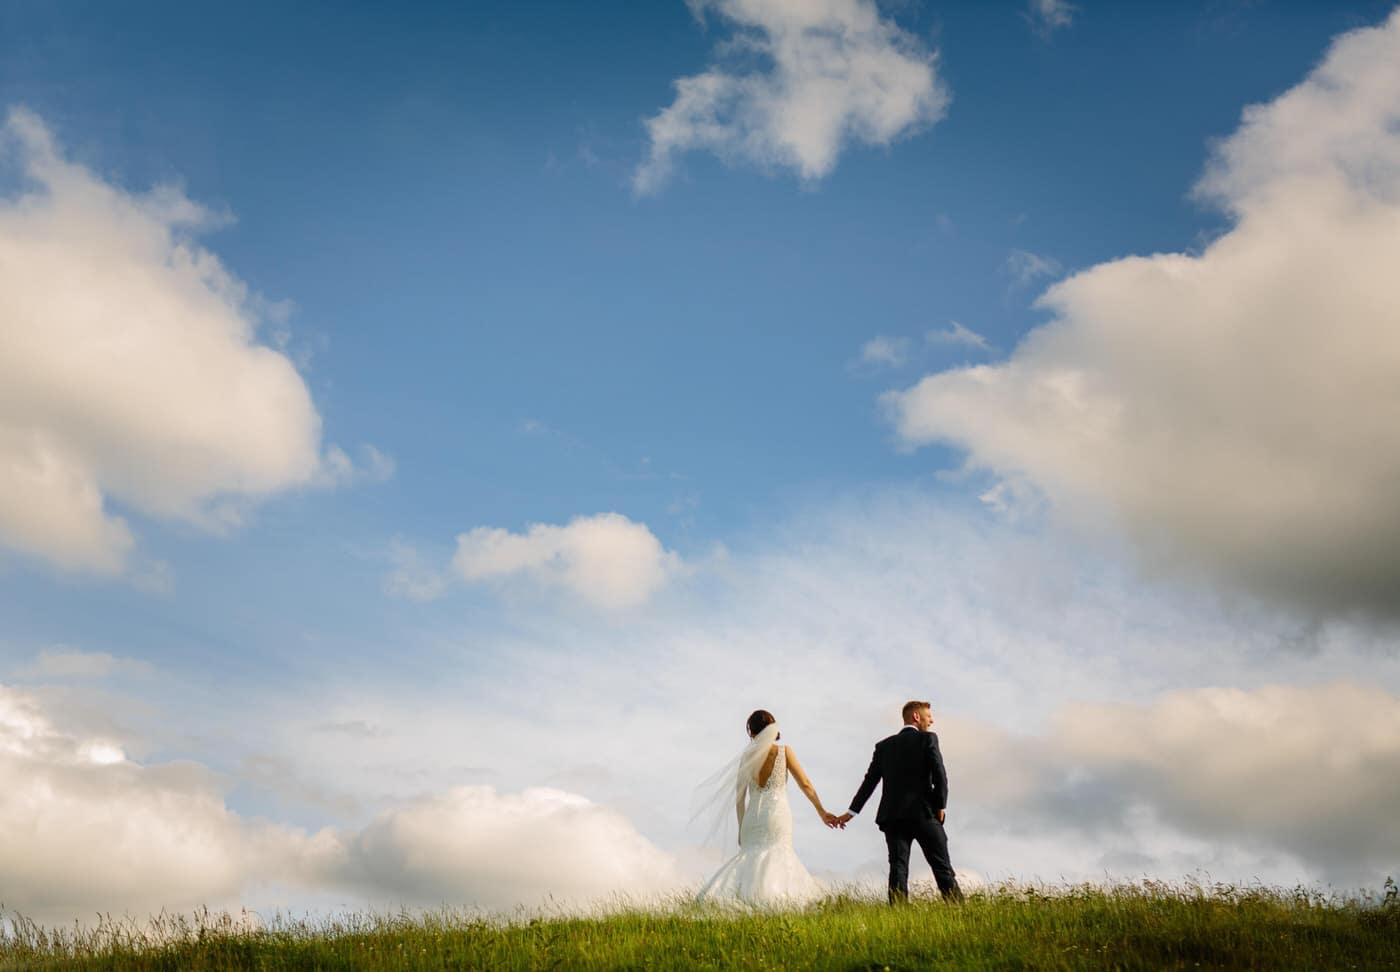 SG NORTH WALES WEDDING 1113 2